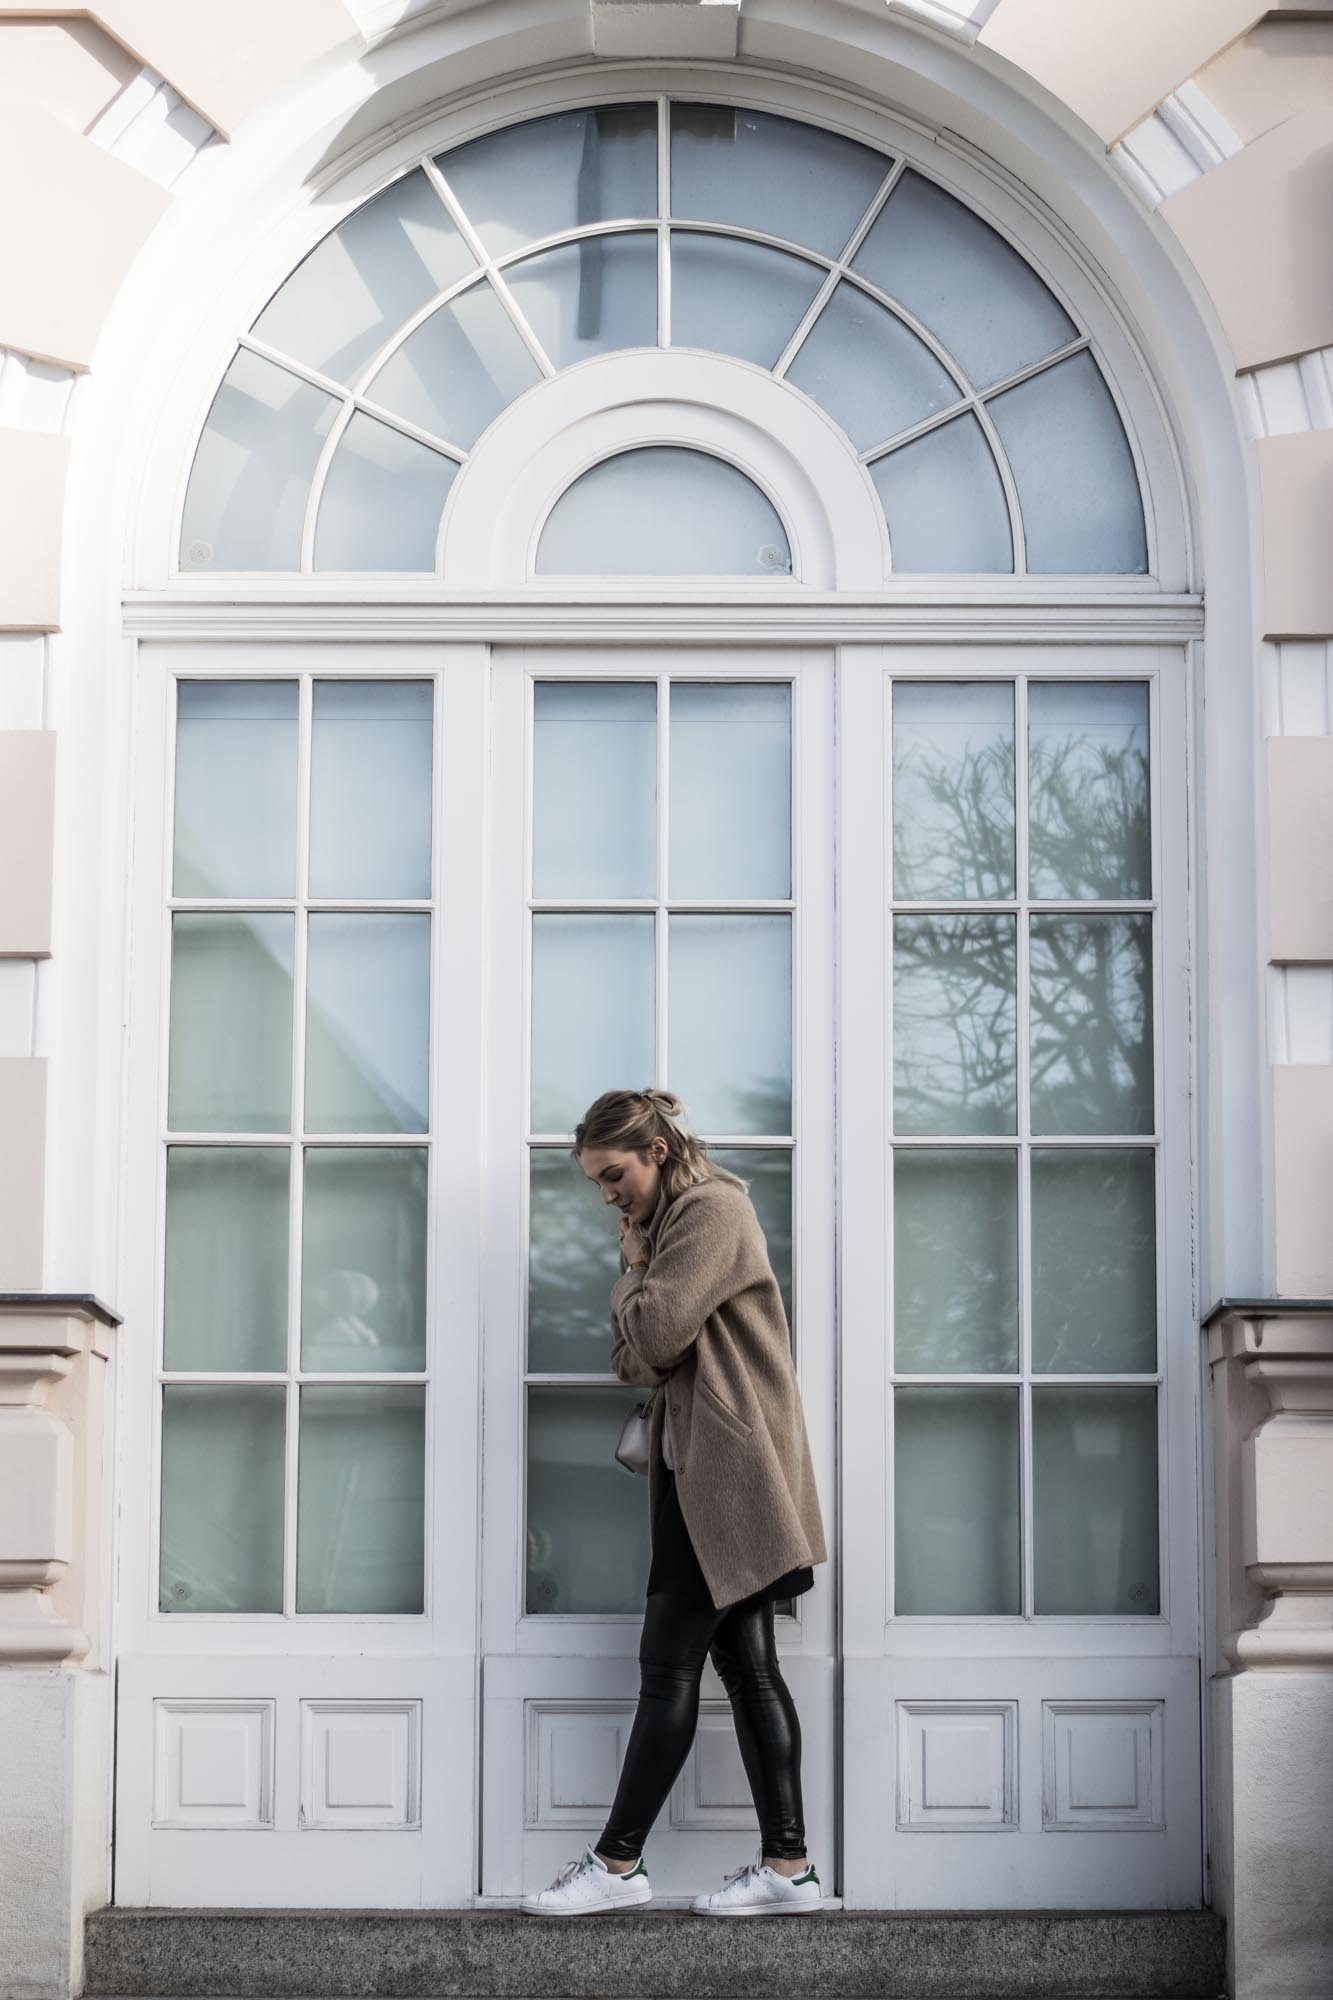 giveherglitter-camelcoat-fashionblog-11